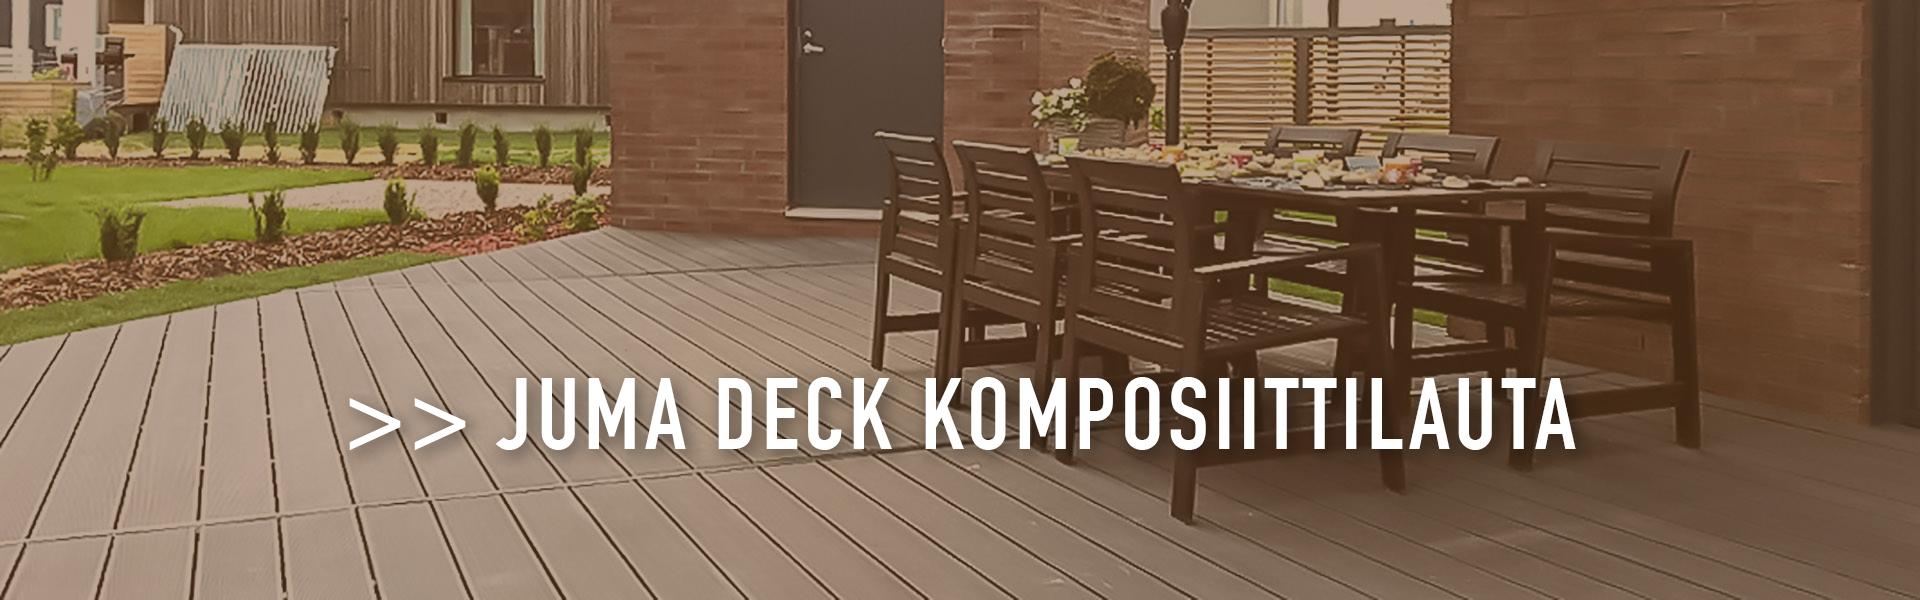 JUMA Deck komposiittilauta - terassit ja patiot mittatilaustyönä